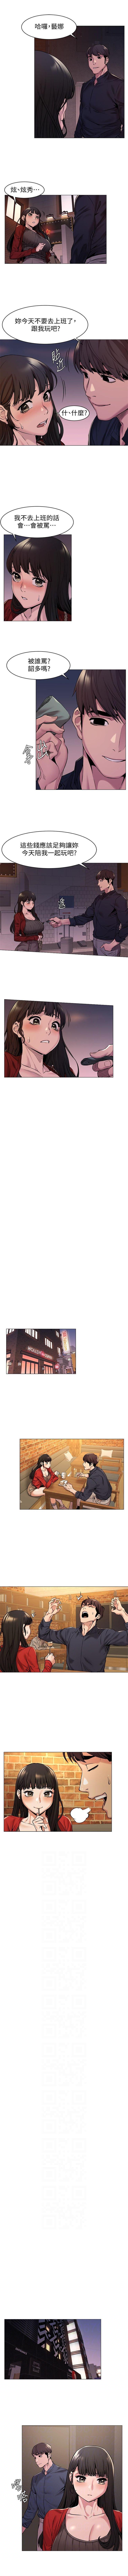 (週5)衝突 1-94 中文翻譯 (更新中) 382